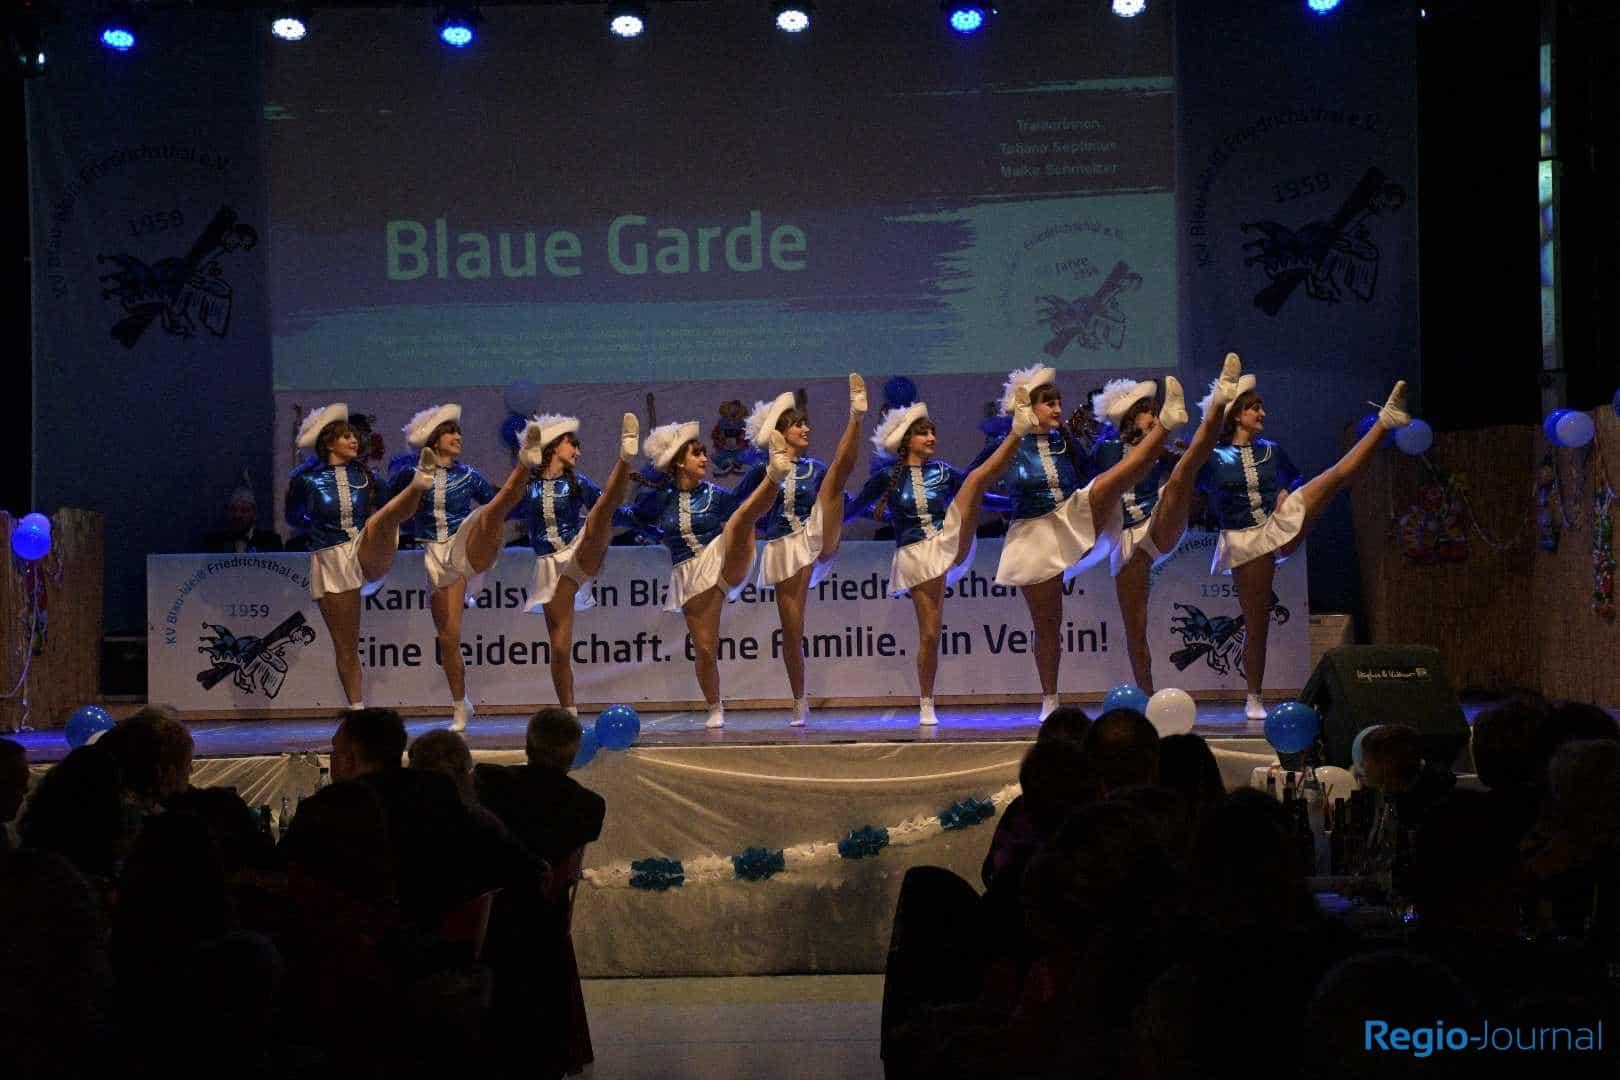 3. Galasitzung des KV Blau-Weiß Friedrichsthal